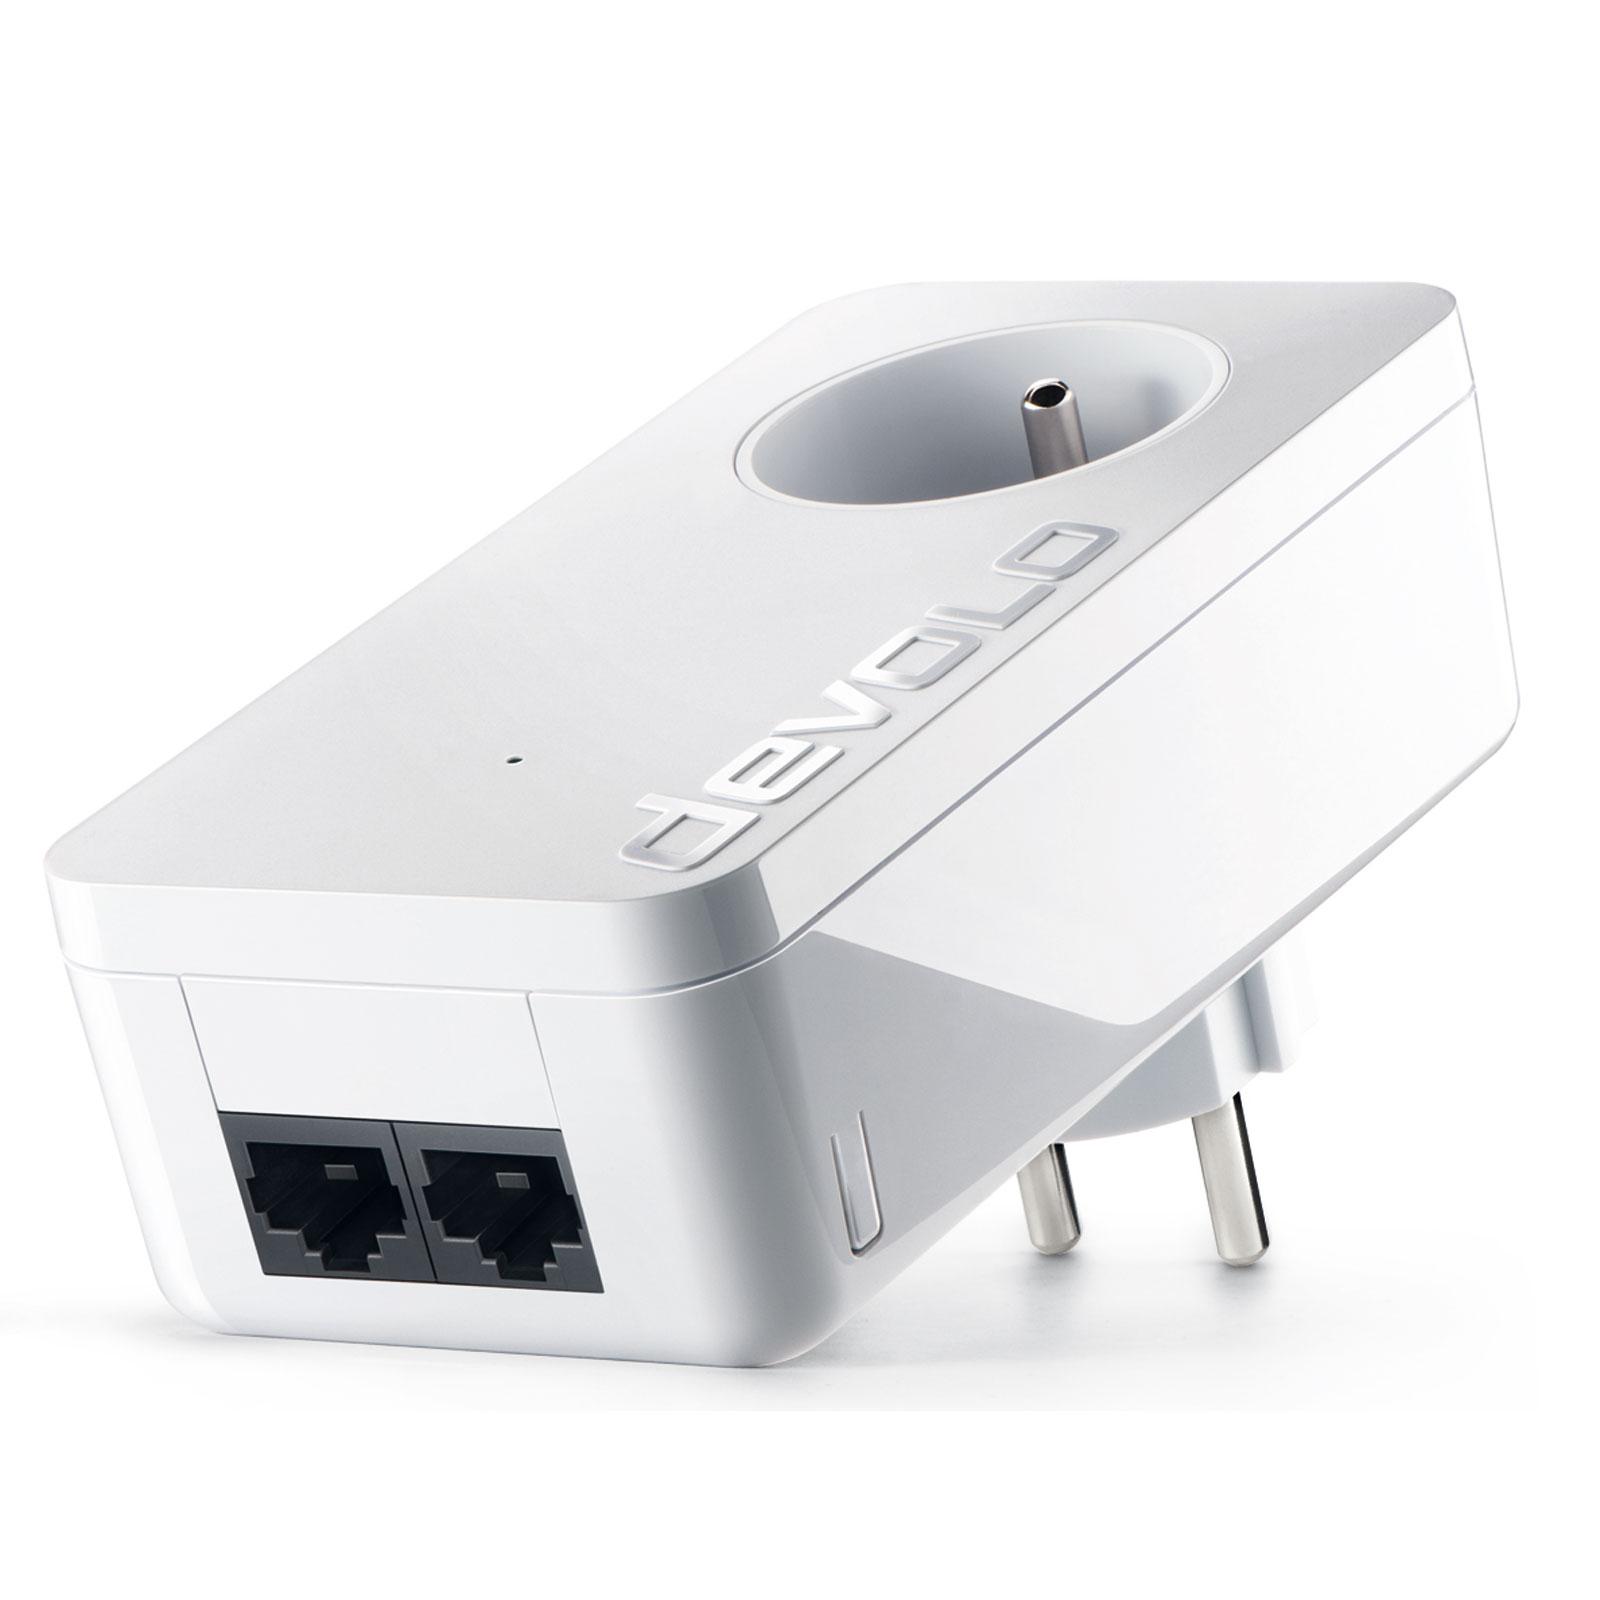 CPL Devolo dLAN 550 duo+  Adaptateur CPL 500 Mbps avec 2 ports Fast Ethernet et prise électrique